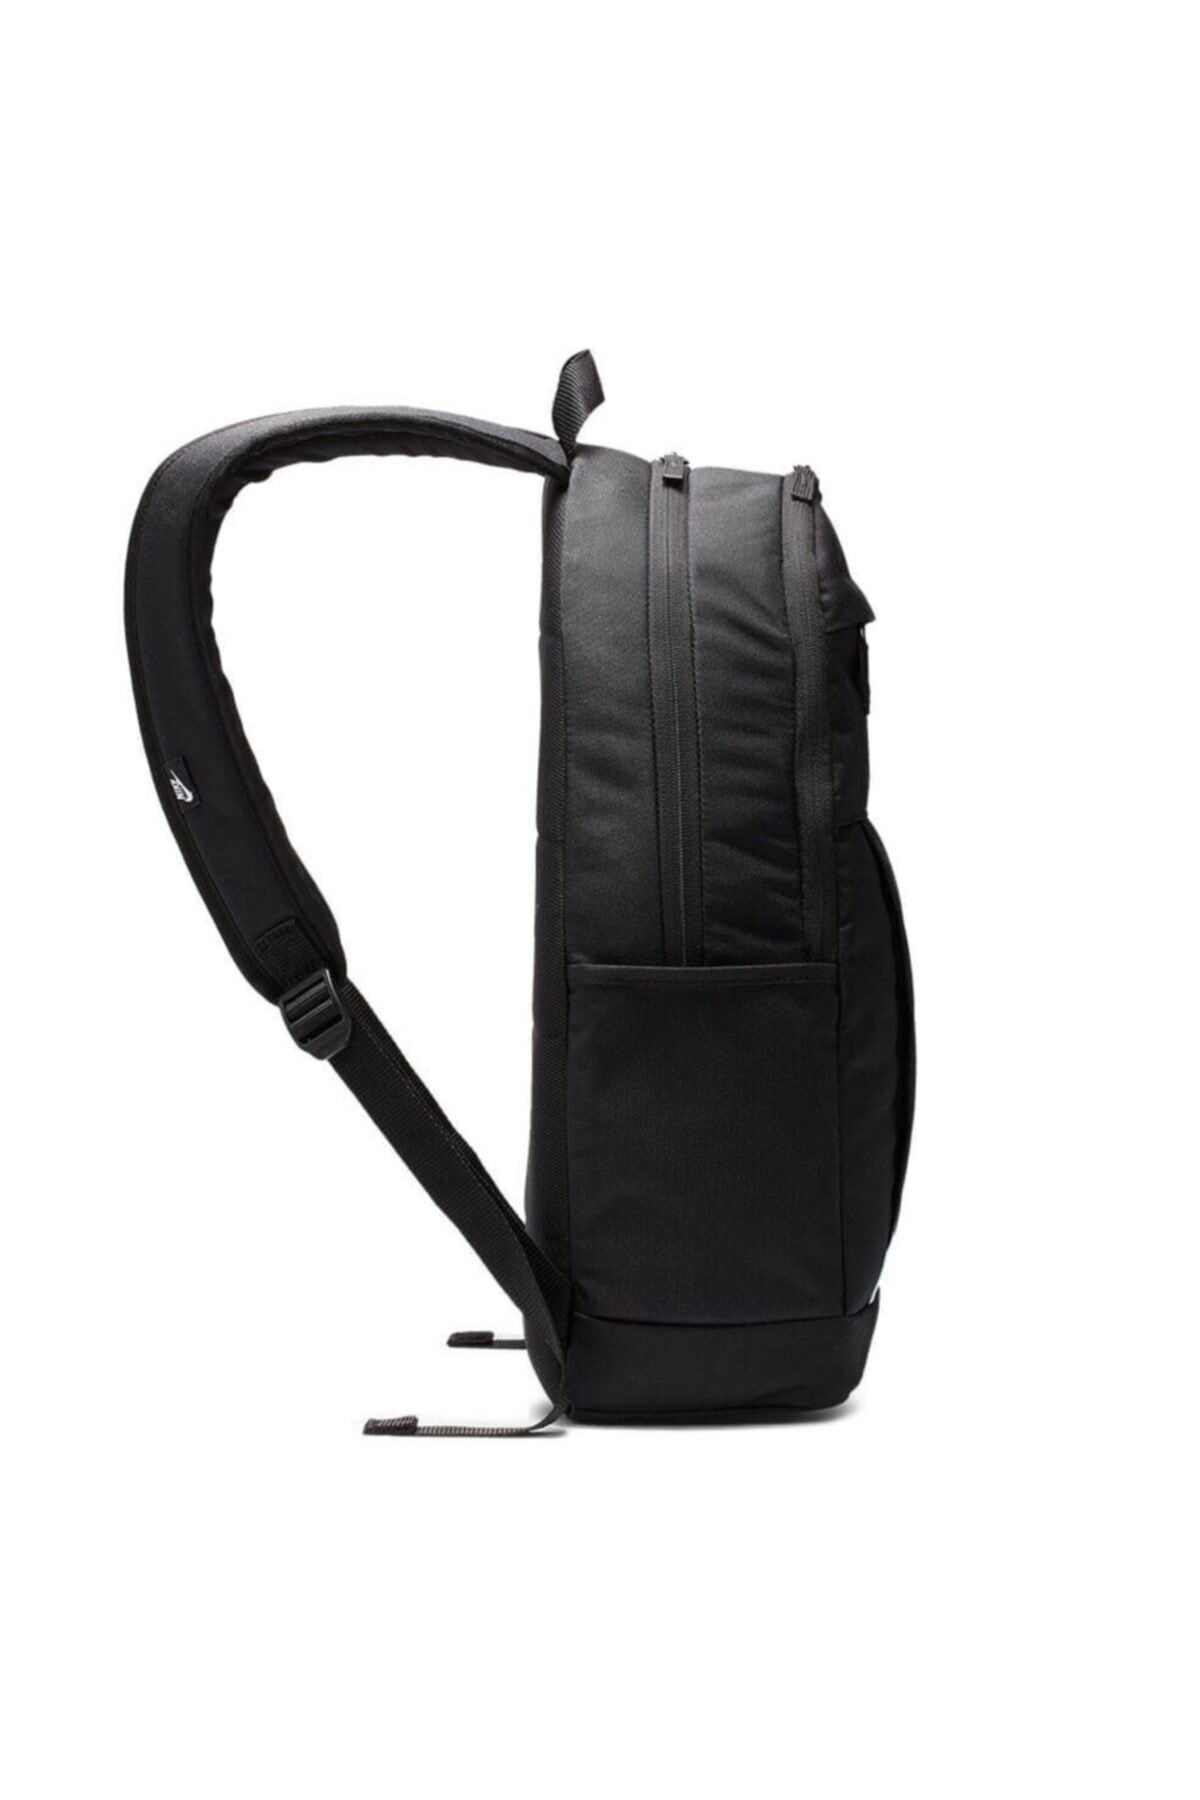 Nike Unisex Siyah Elemental Bkpck 2.0 Sırt Çantası 2